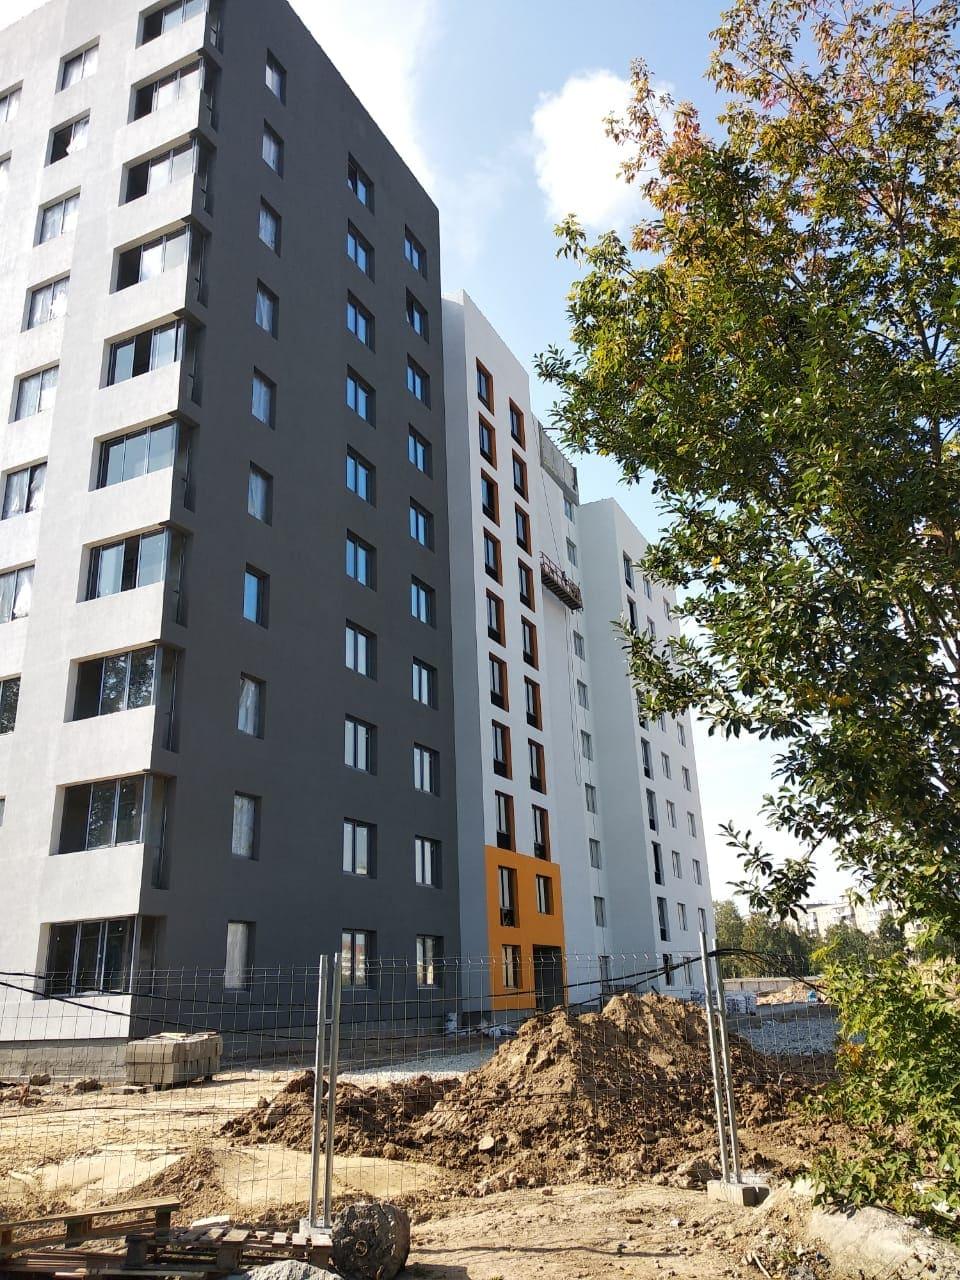 Дом 1 цветной бульвар екатеринбург (4) – ЖК Цветной бульвар 65c17a5a1e4